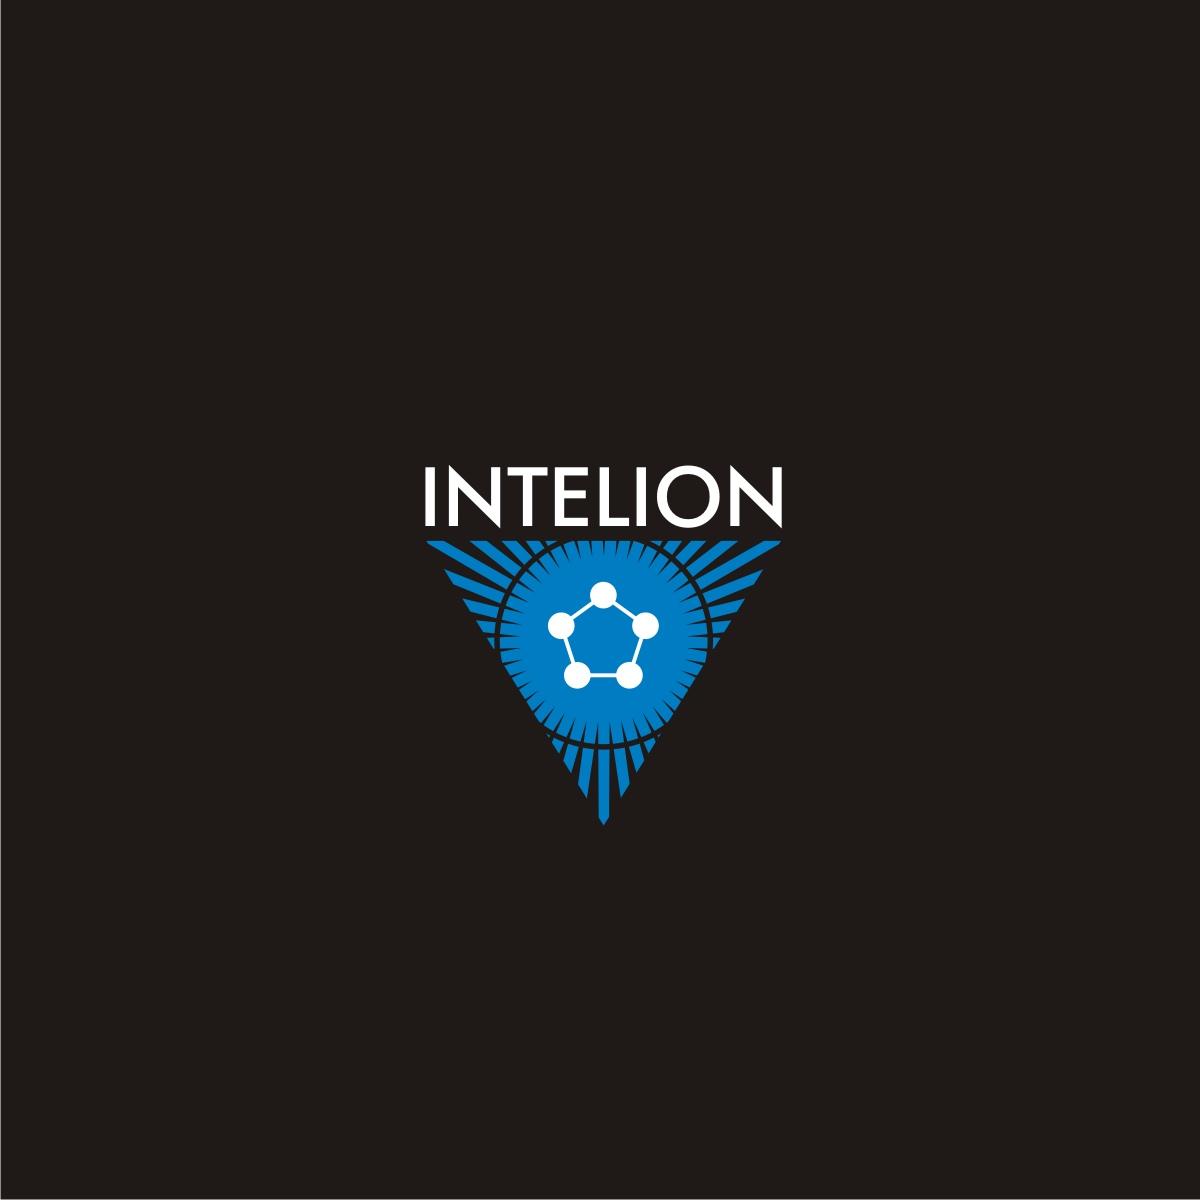 Разработка логотипа фото f_9185aace8074c9d3.jpg